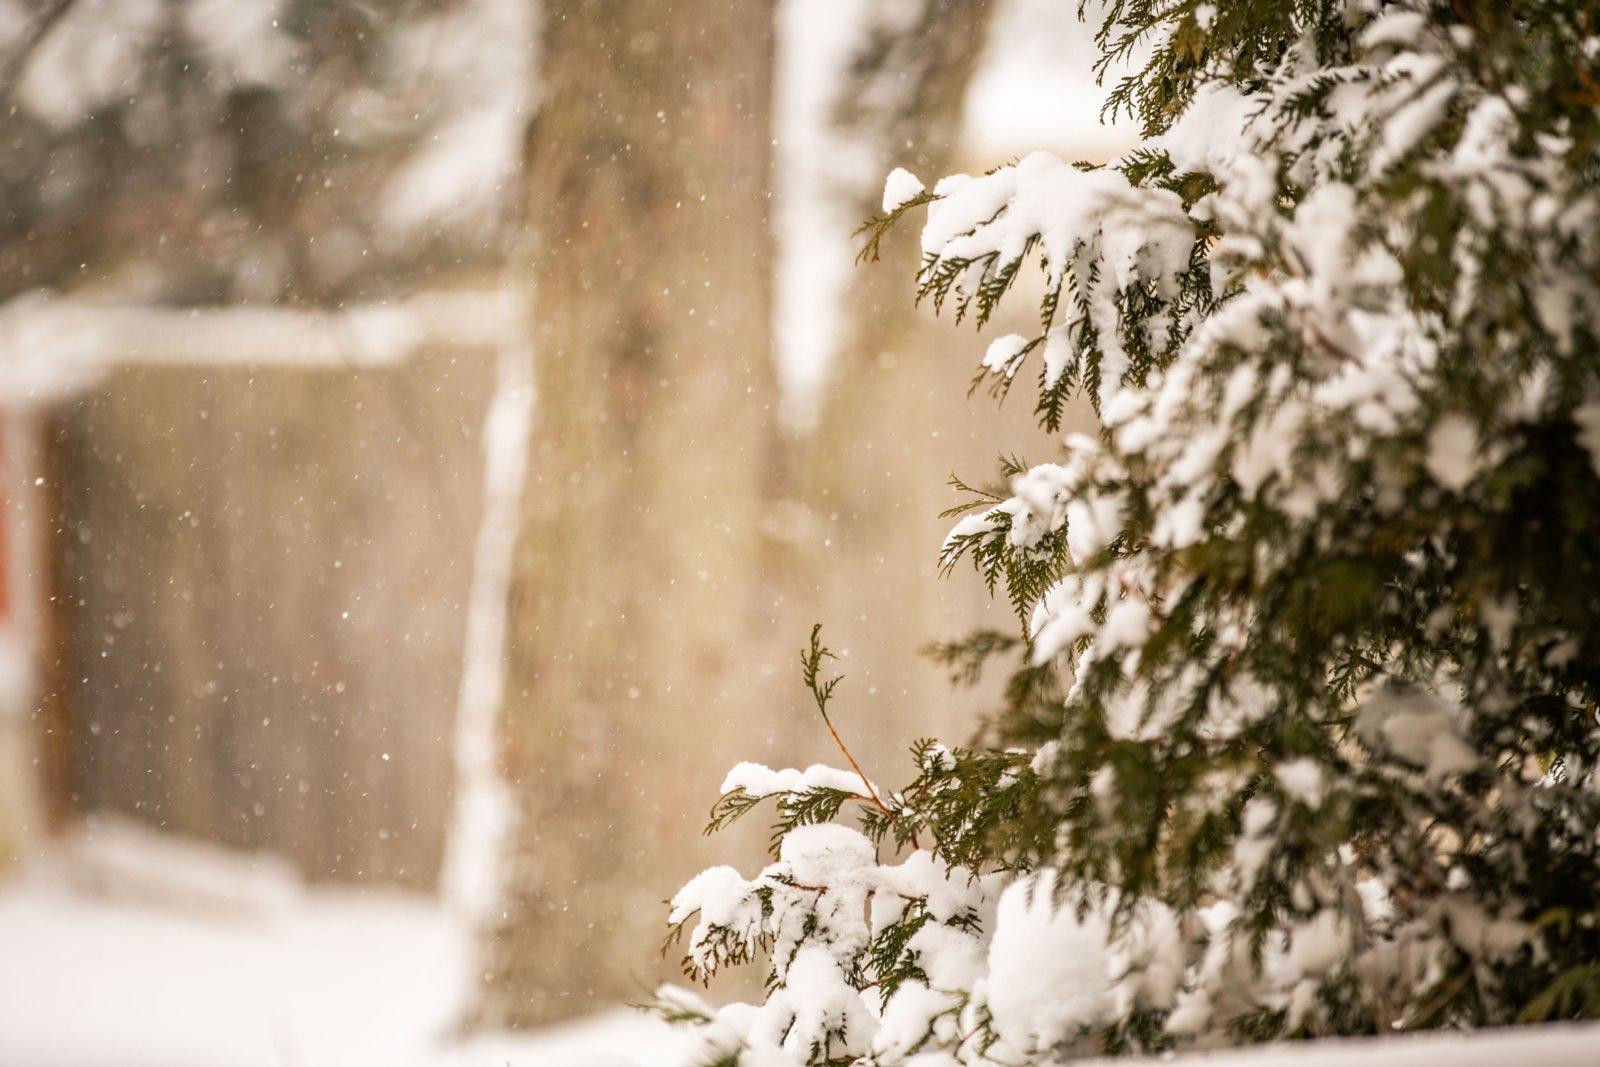 Meteorologai: Lietuvoje iškritęs gausus sniegas nėra rekordinis